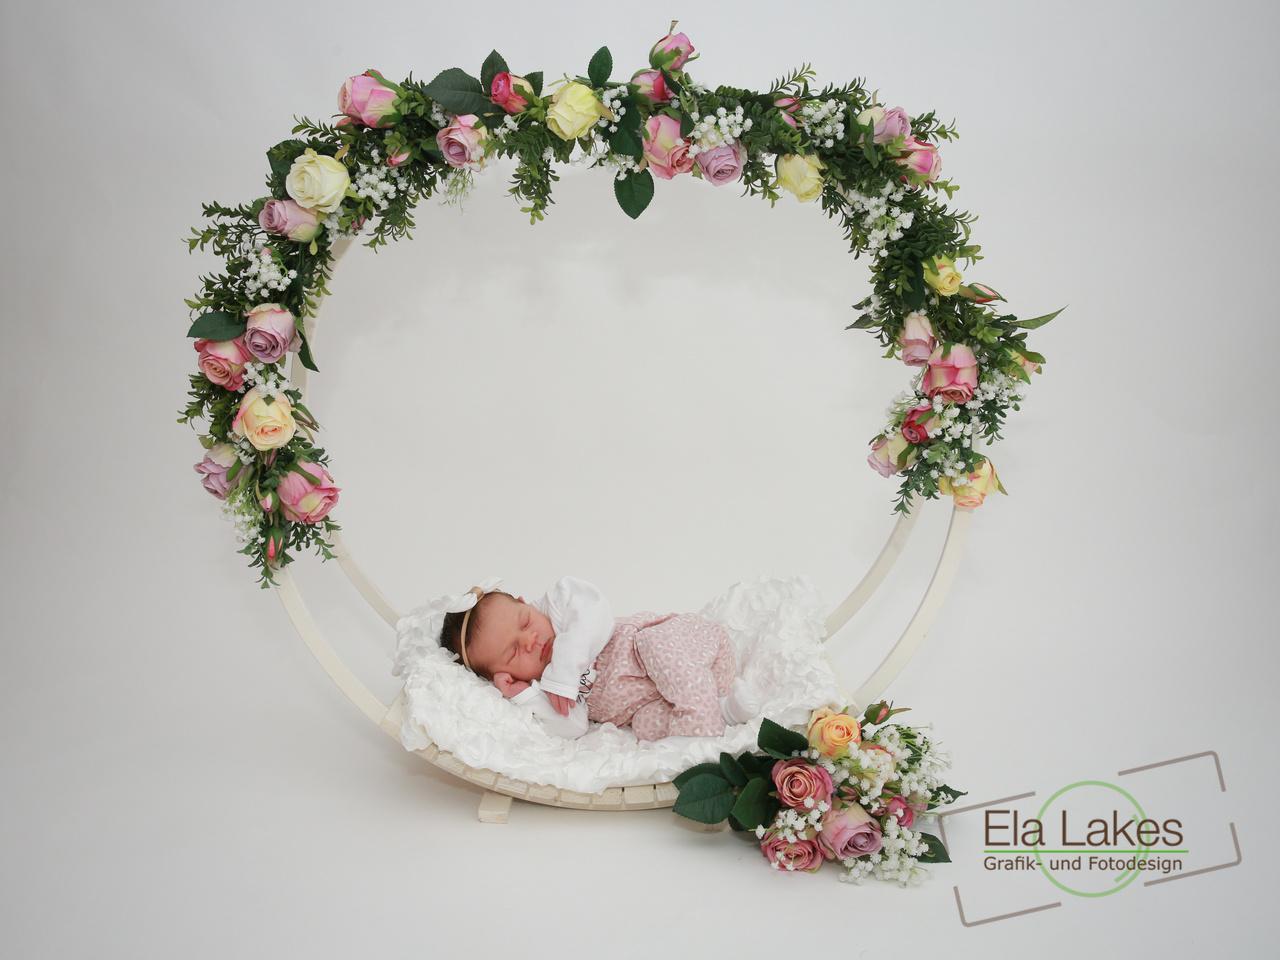 Babyfotografie Karlsruhe - ElaLakes Design -37